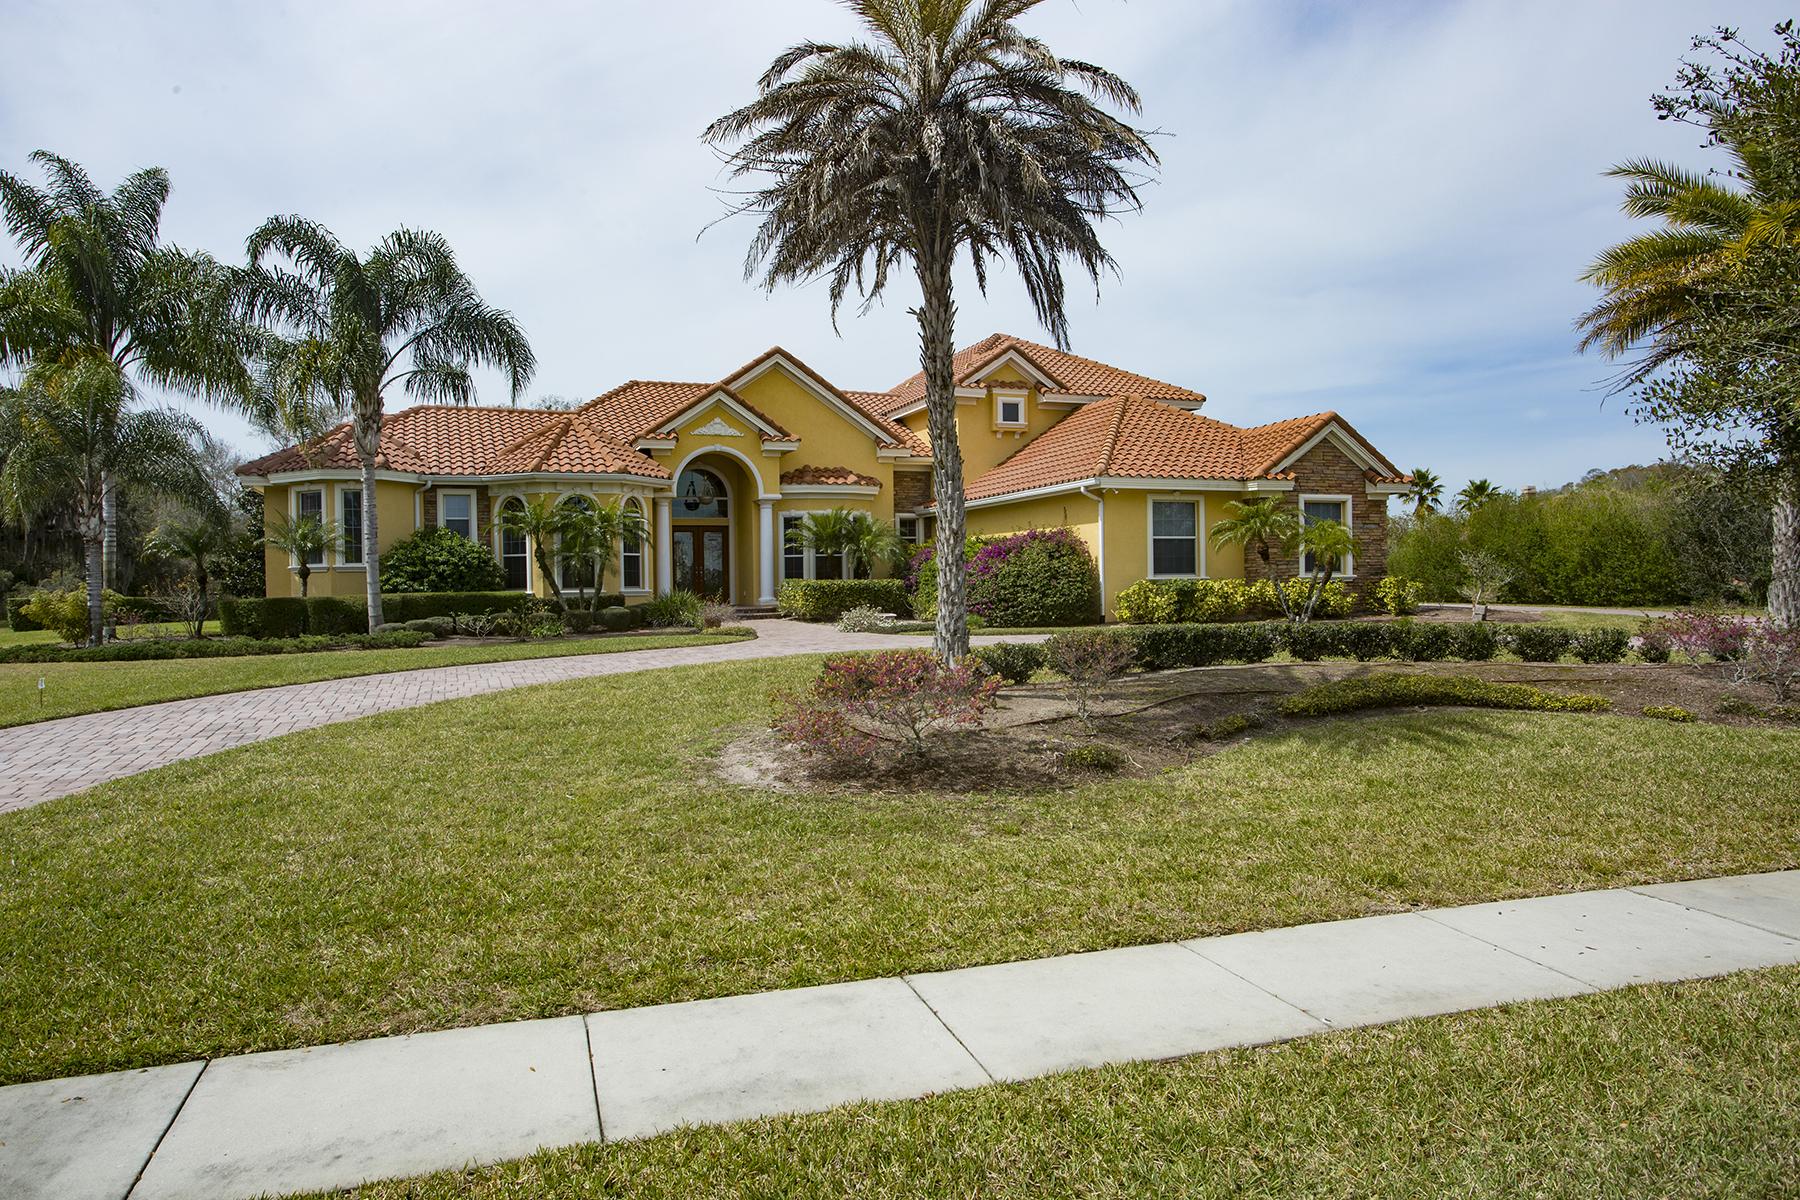 단독 가정 주택 용 매매 에 LUTZ 19624 Amazon Basin Lutz, 플로리다, 33559 미국